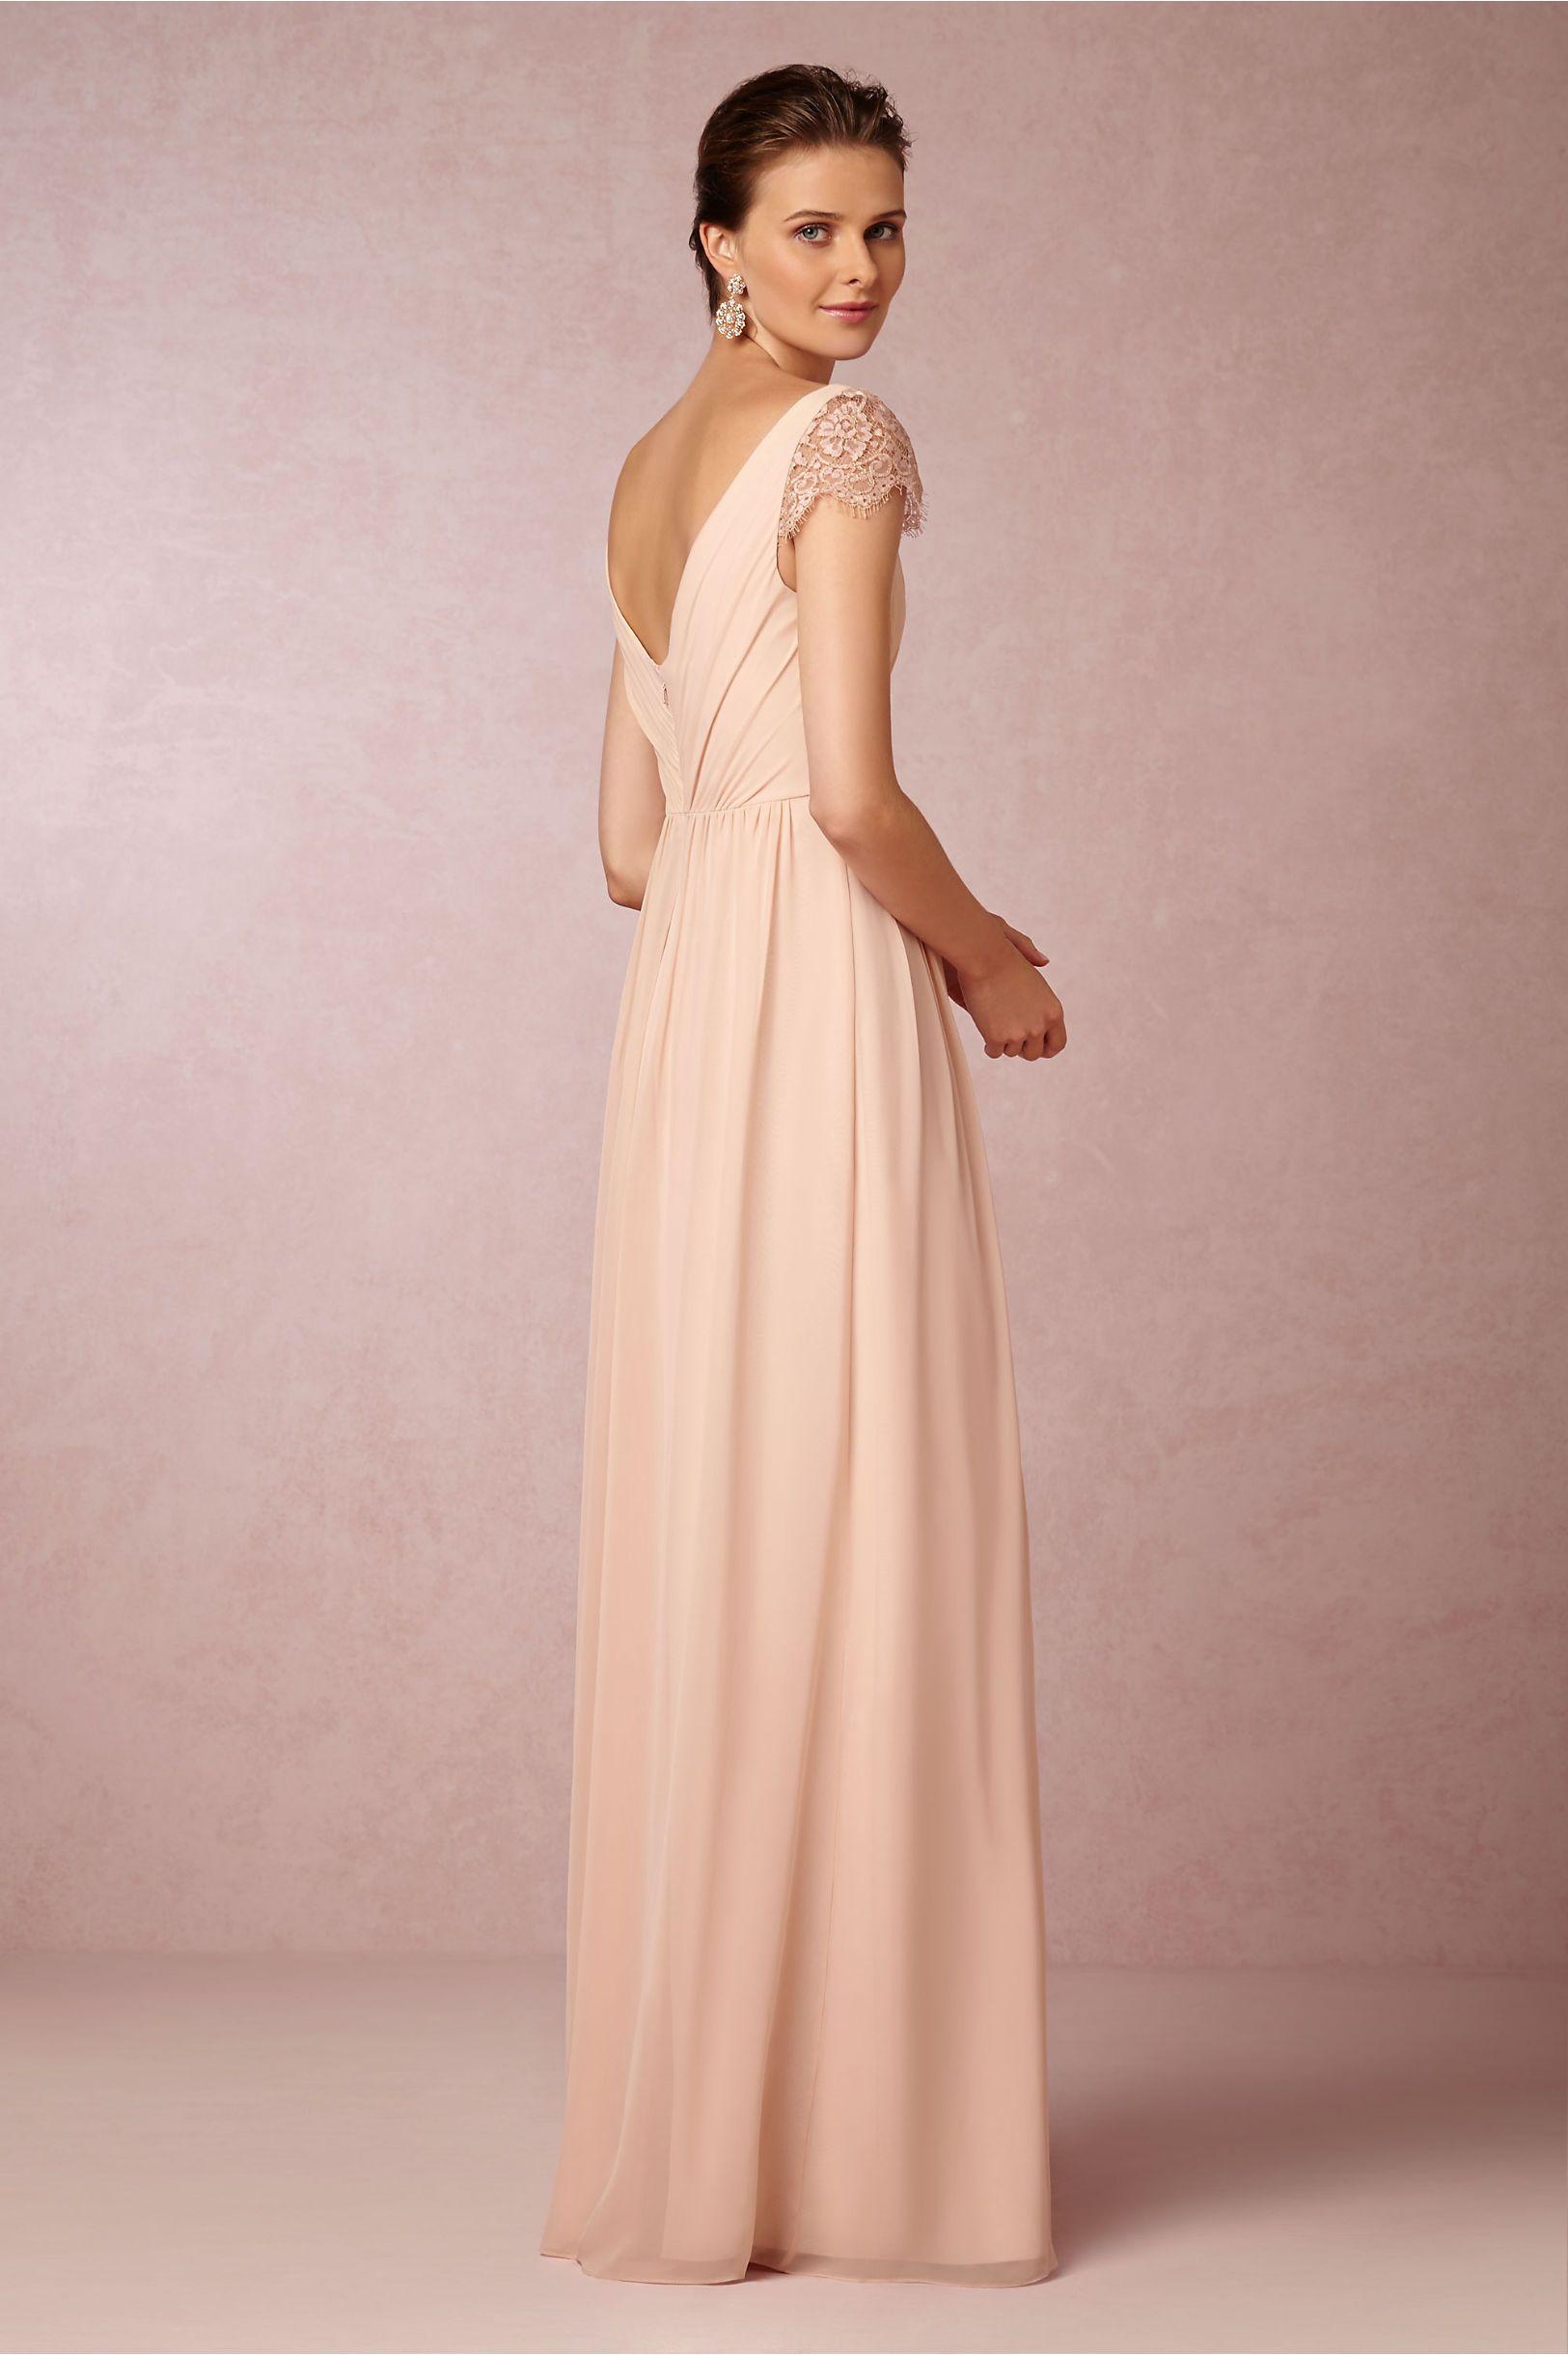 fb9d6e216f8 Evangeline Dress from  BHLDN